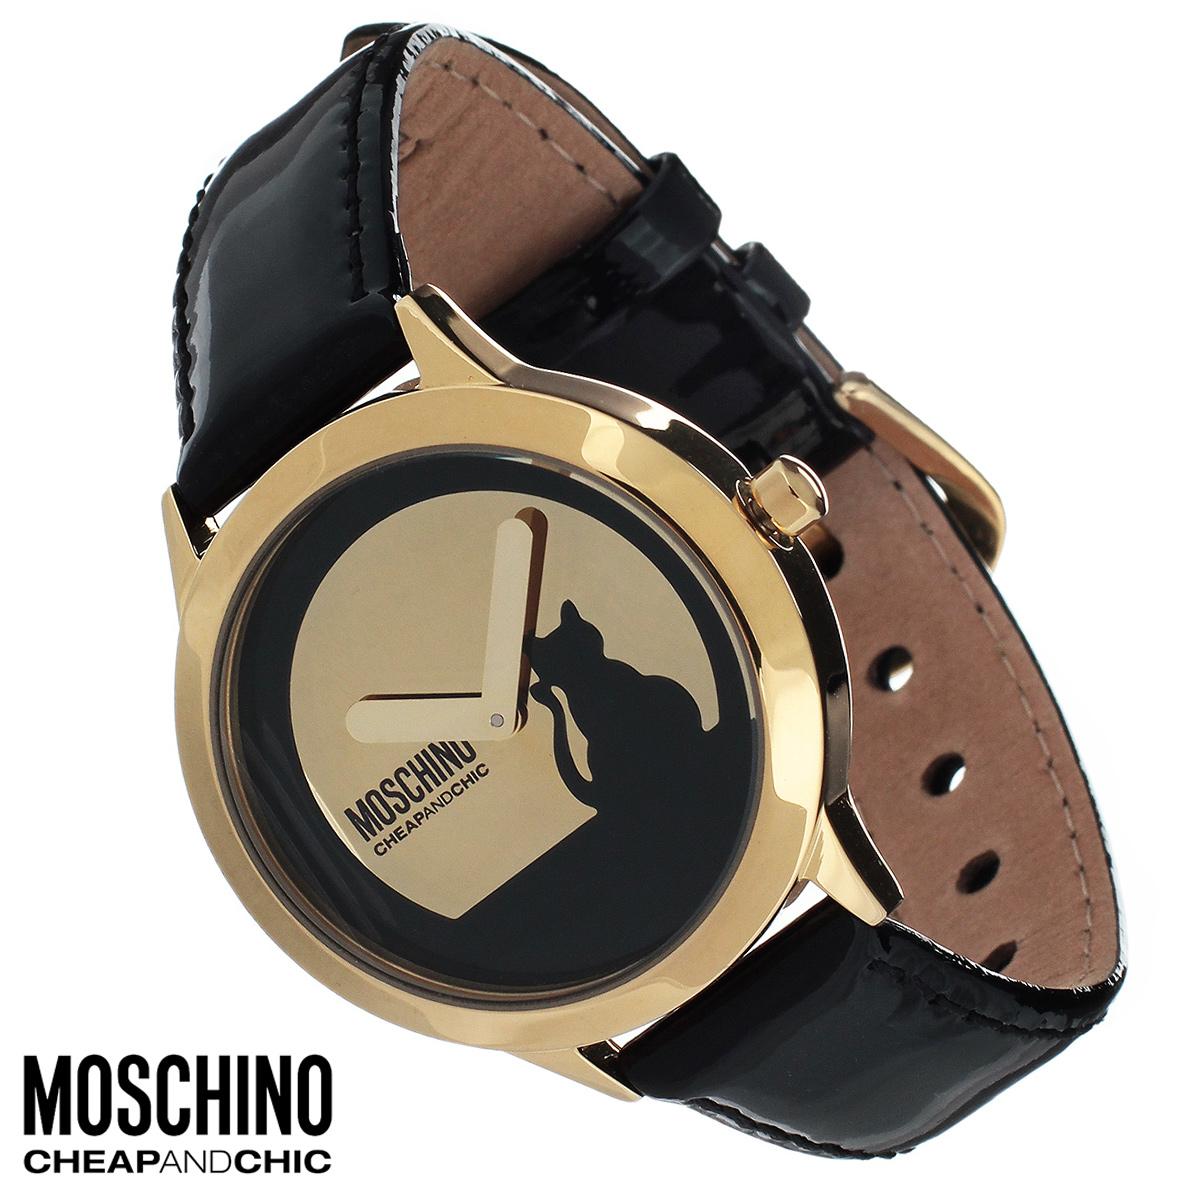 """Часы женские наручные Moschino, цвет: черный. MW0078MW0078Наручные часы от известного итальянского бренда Moschino - это не только стильный и функциональный аксессуар, но и современные технологи, сочетающиеся с экстравагантным дизайном и индивидуальностью. Часы Moschino оснащены кварцевым механизмом. Корпус выполнен из высококачественной нержавеющей стали с PVD-покрытием. Циферблат оформлен изображением силуэта кошки, надписью """"Moschino. Cheap and Chic"""" и защищен минеральным стеклом. Часы имеют две стрелки - часовую и минутную. Ремешок часов выполнен из натуральной кожи и застегивается на классическую застежку. Часы упакованы в фирменную металлическую коробку с логотипом бренда. Часы Moschino благодаря своему уникальному дизайну отличаются от часов других марок своеобразными циферблатами, функциональностью, а также набором уникальных технических свойств. Каждой модели присуща легкая экстравагантность, самобытность и, безусловно, великолепный вкус. Характеристики: Диаметр циферблата:..."""